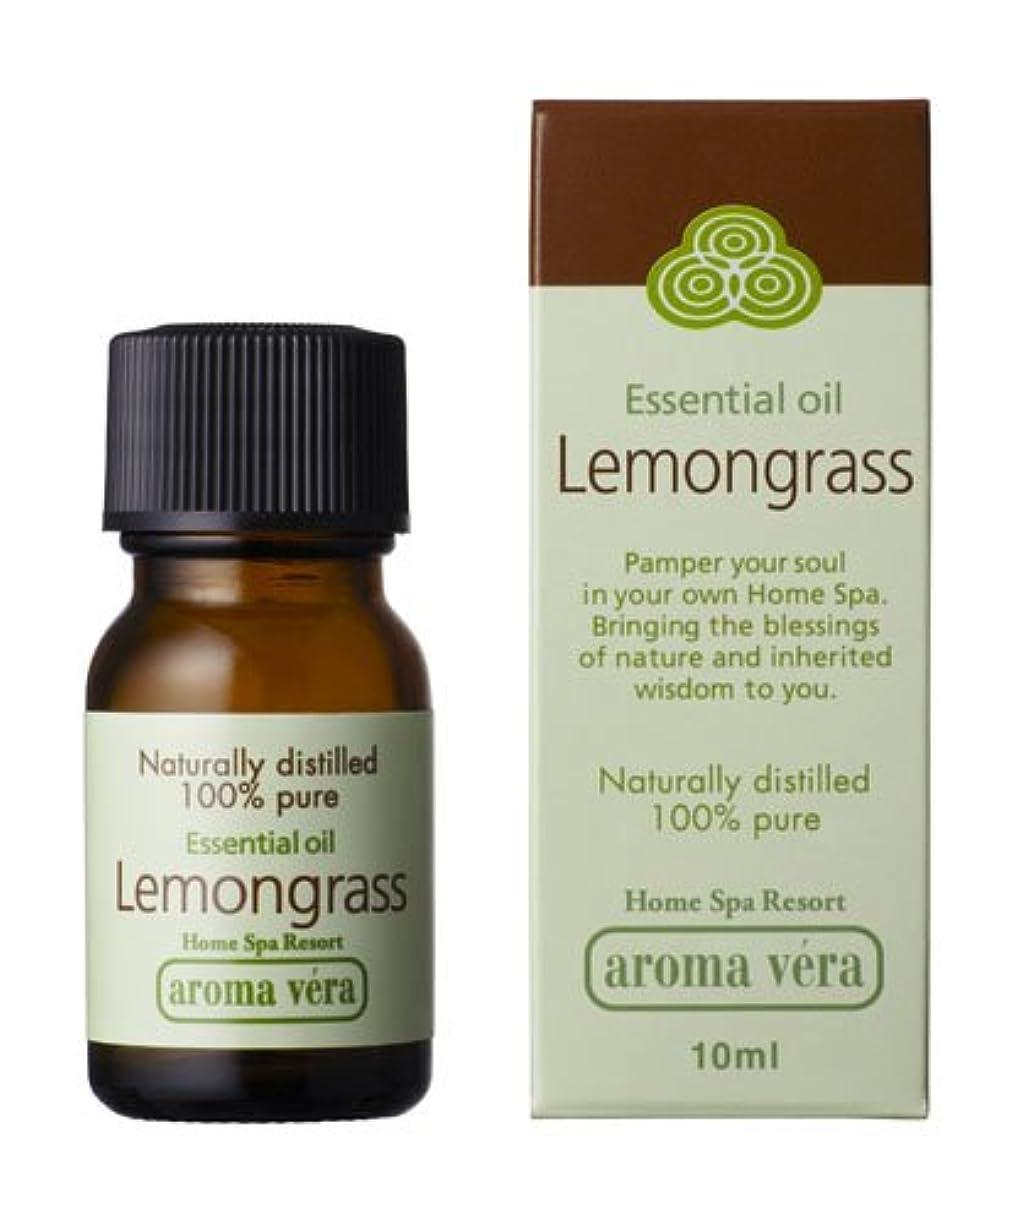 神話かなりのトラフアロマベラ エッセンシャルオイル レモングラス 10ml